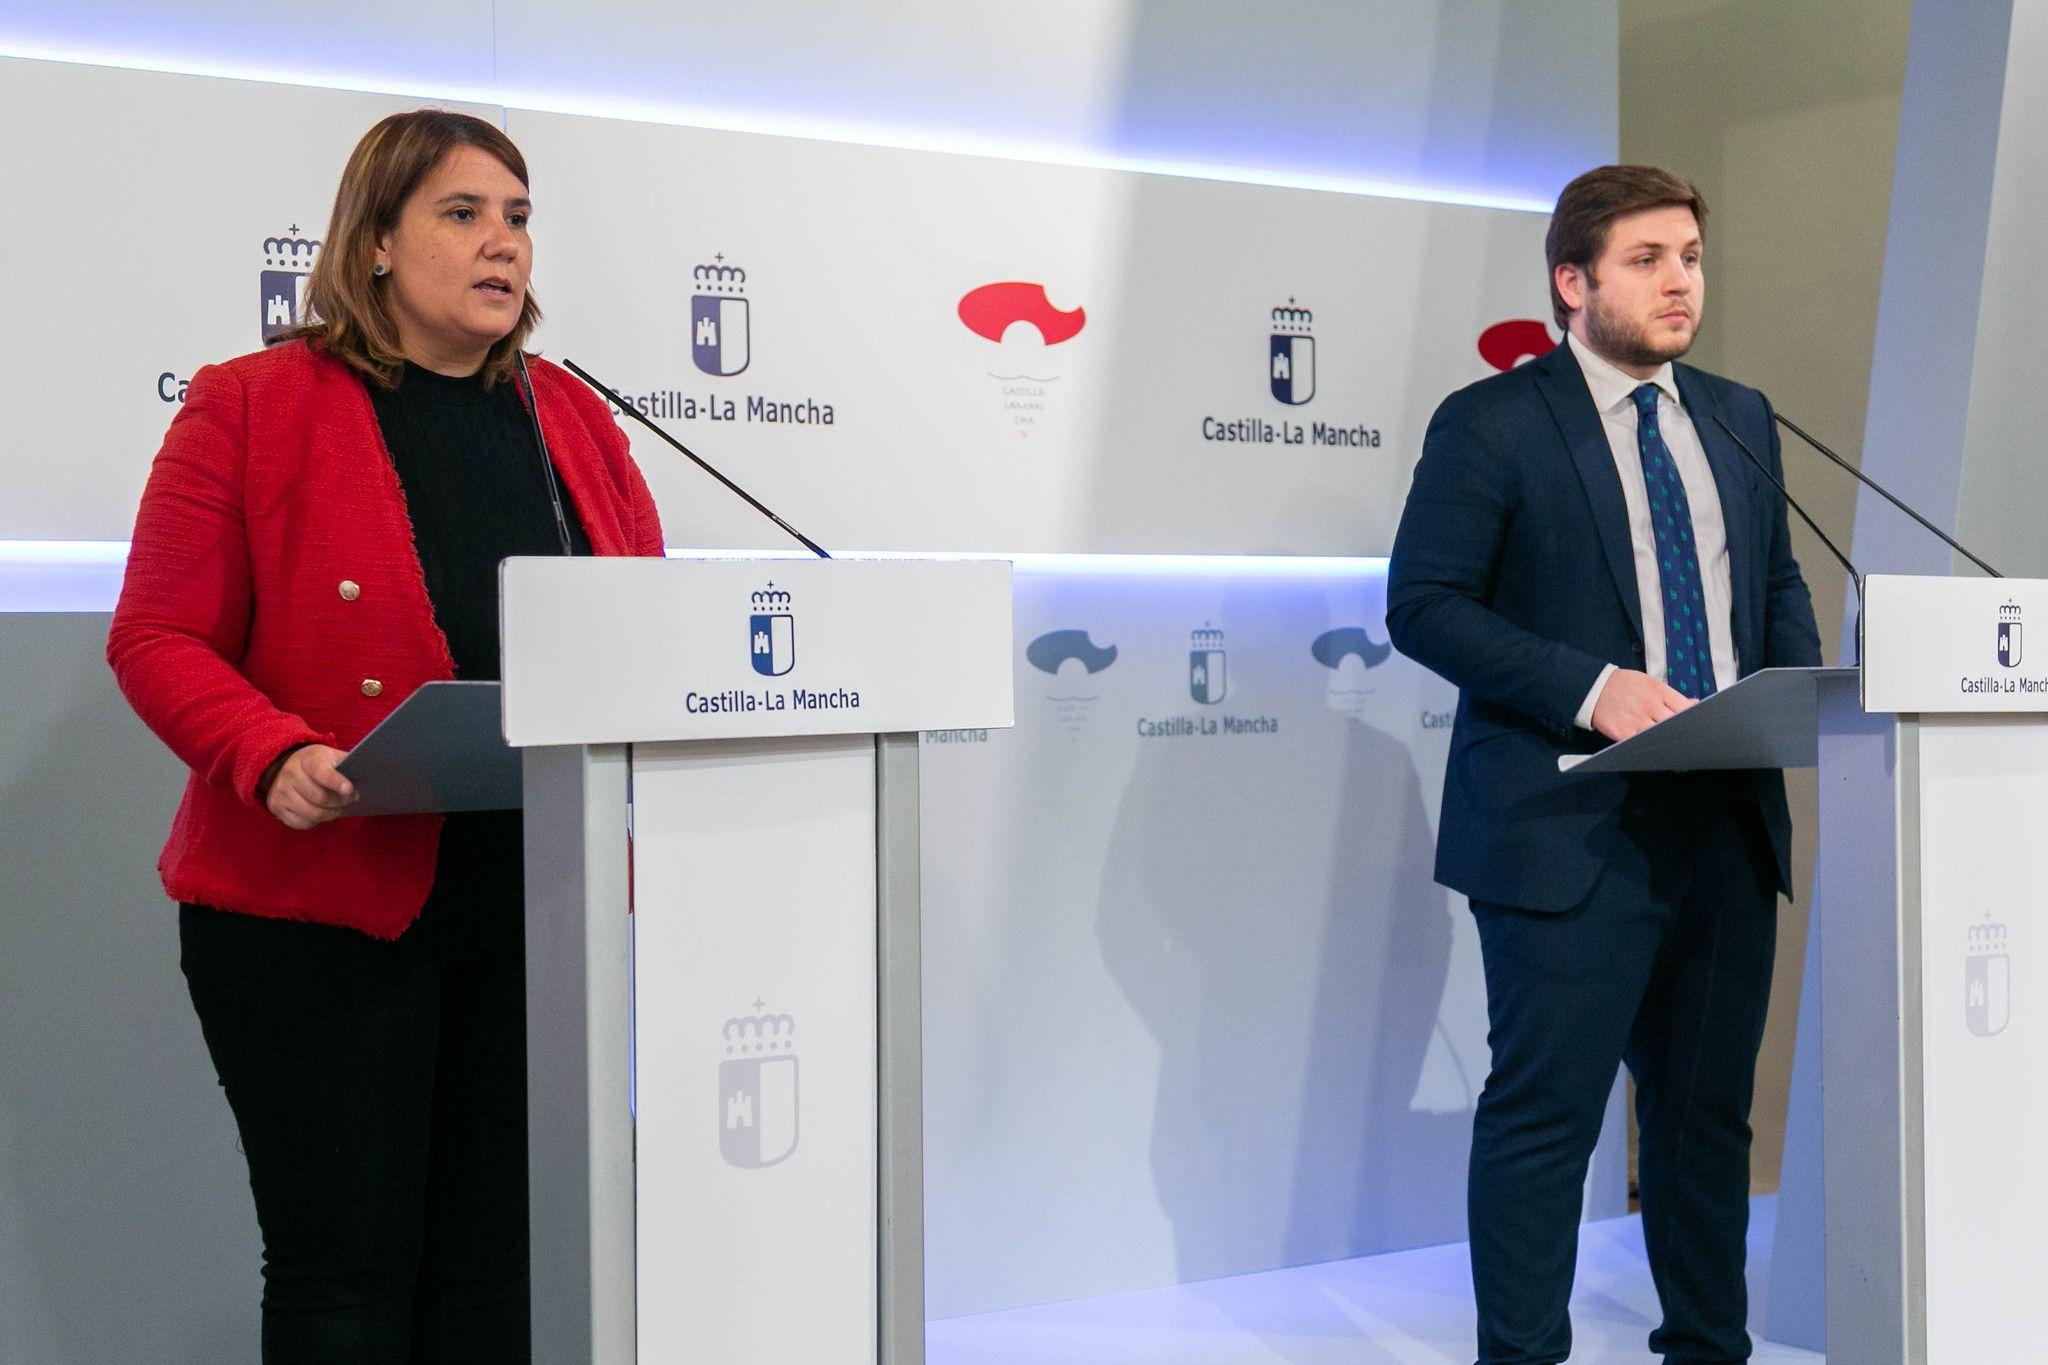 """La alcaldesa apuesta por las alternativas que aseguren una """"conexión digna, rápida y segura"""" por tren entre Talavera y Madrid y que contemplen las mercancías"""